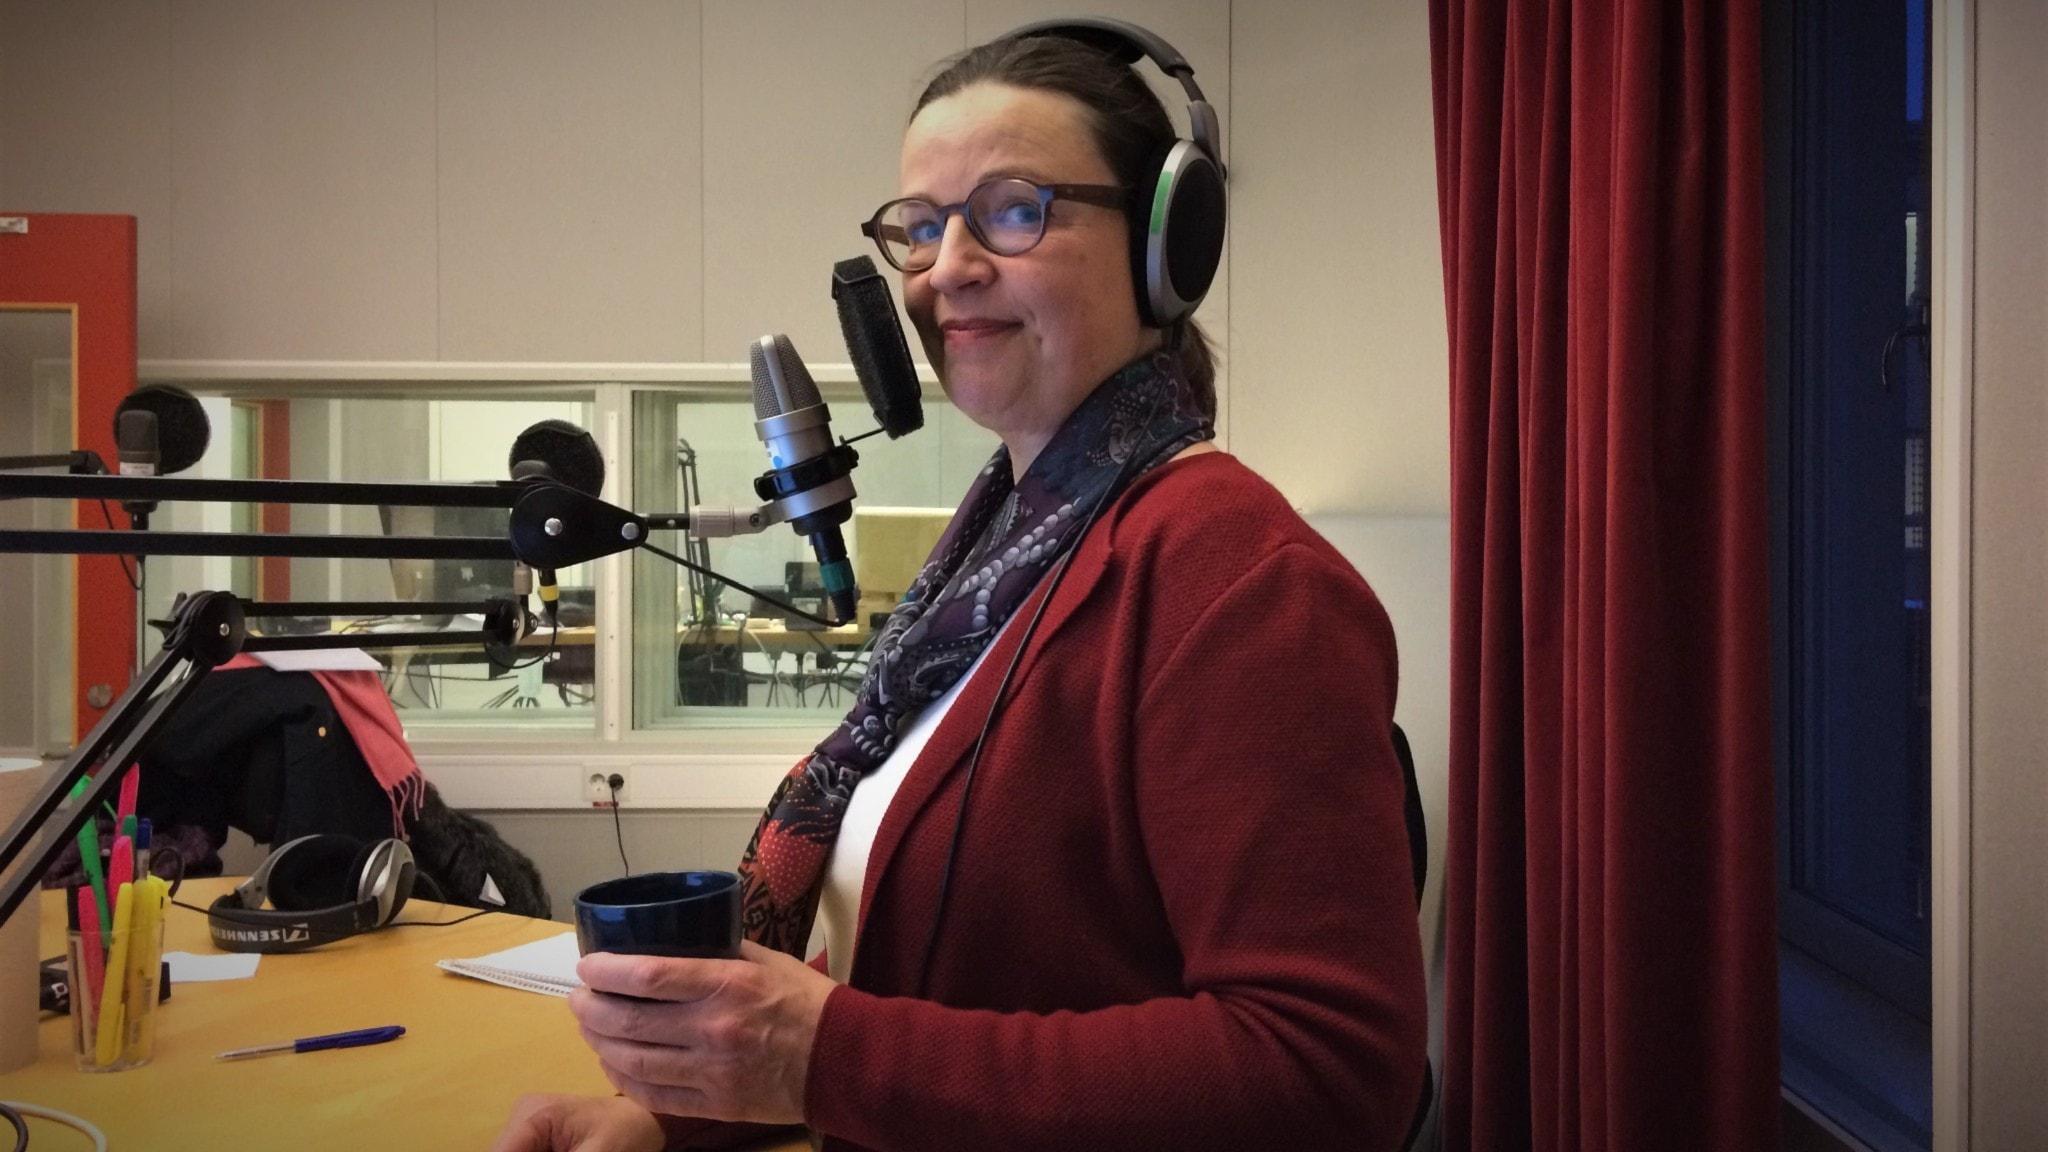 Del 4/4. Barnen som inte lär sig svenska – Ministern svarar